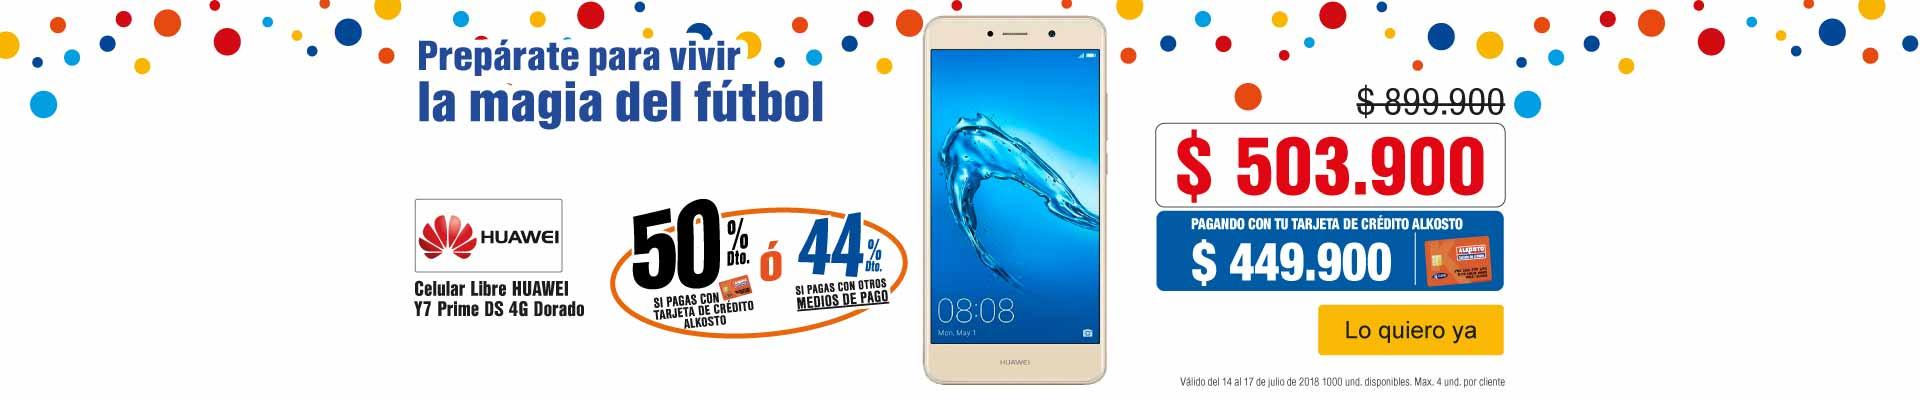 AK-PPAL-2-celulares-PP---Huawei-Y7Prime-Jul14